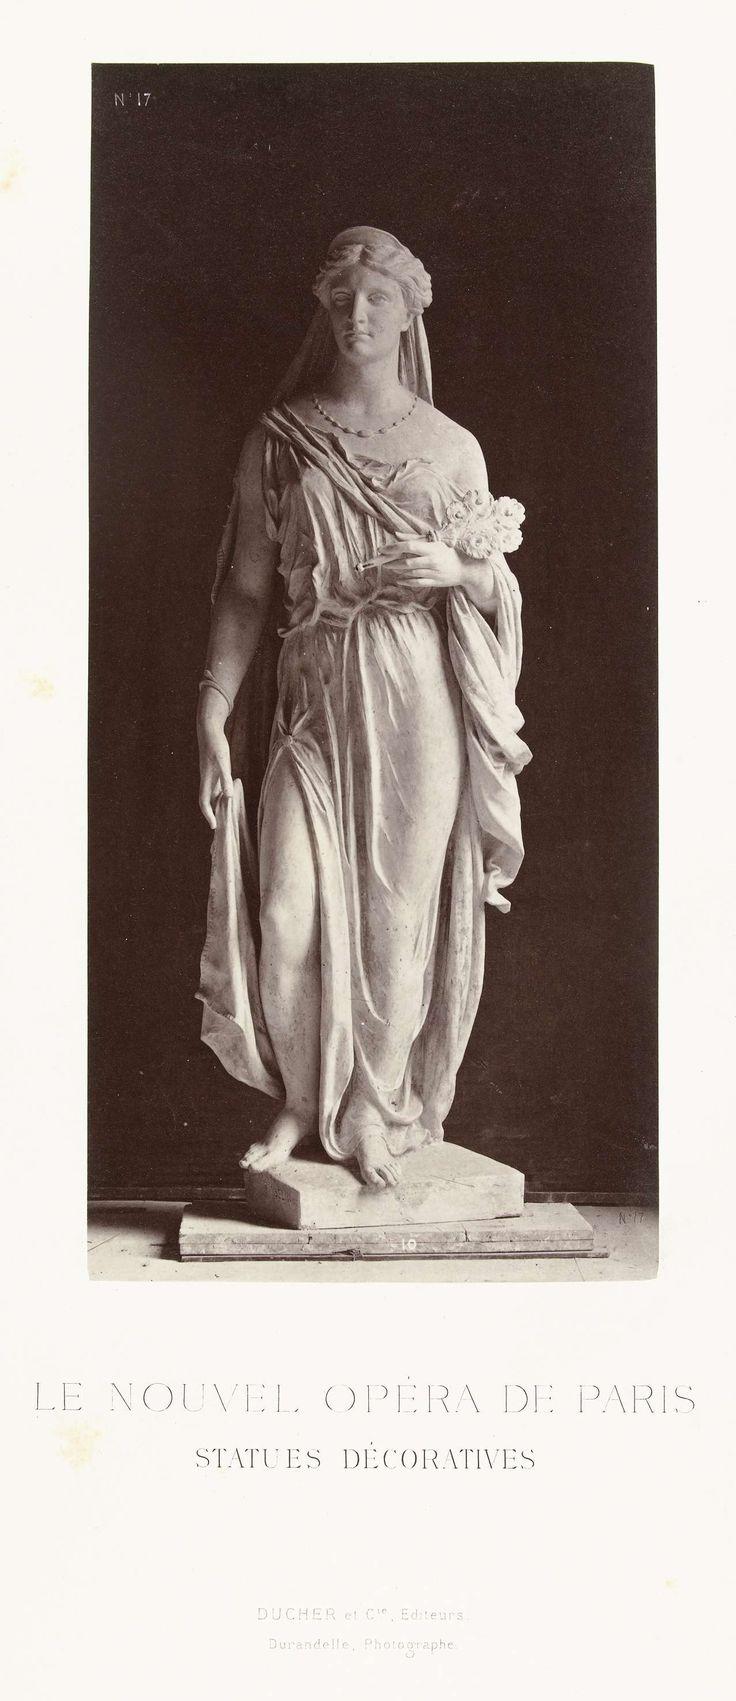 Louis-Emile Durandelle | Marmeren beeld van een vrouw in gewaad en een sluier over haar hoofd, in haar linkerhand draagt zij een bos bloemen., Louis-Emile Durandelle, Ducher et Cie, c. 1878 - 1881 |